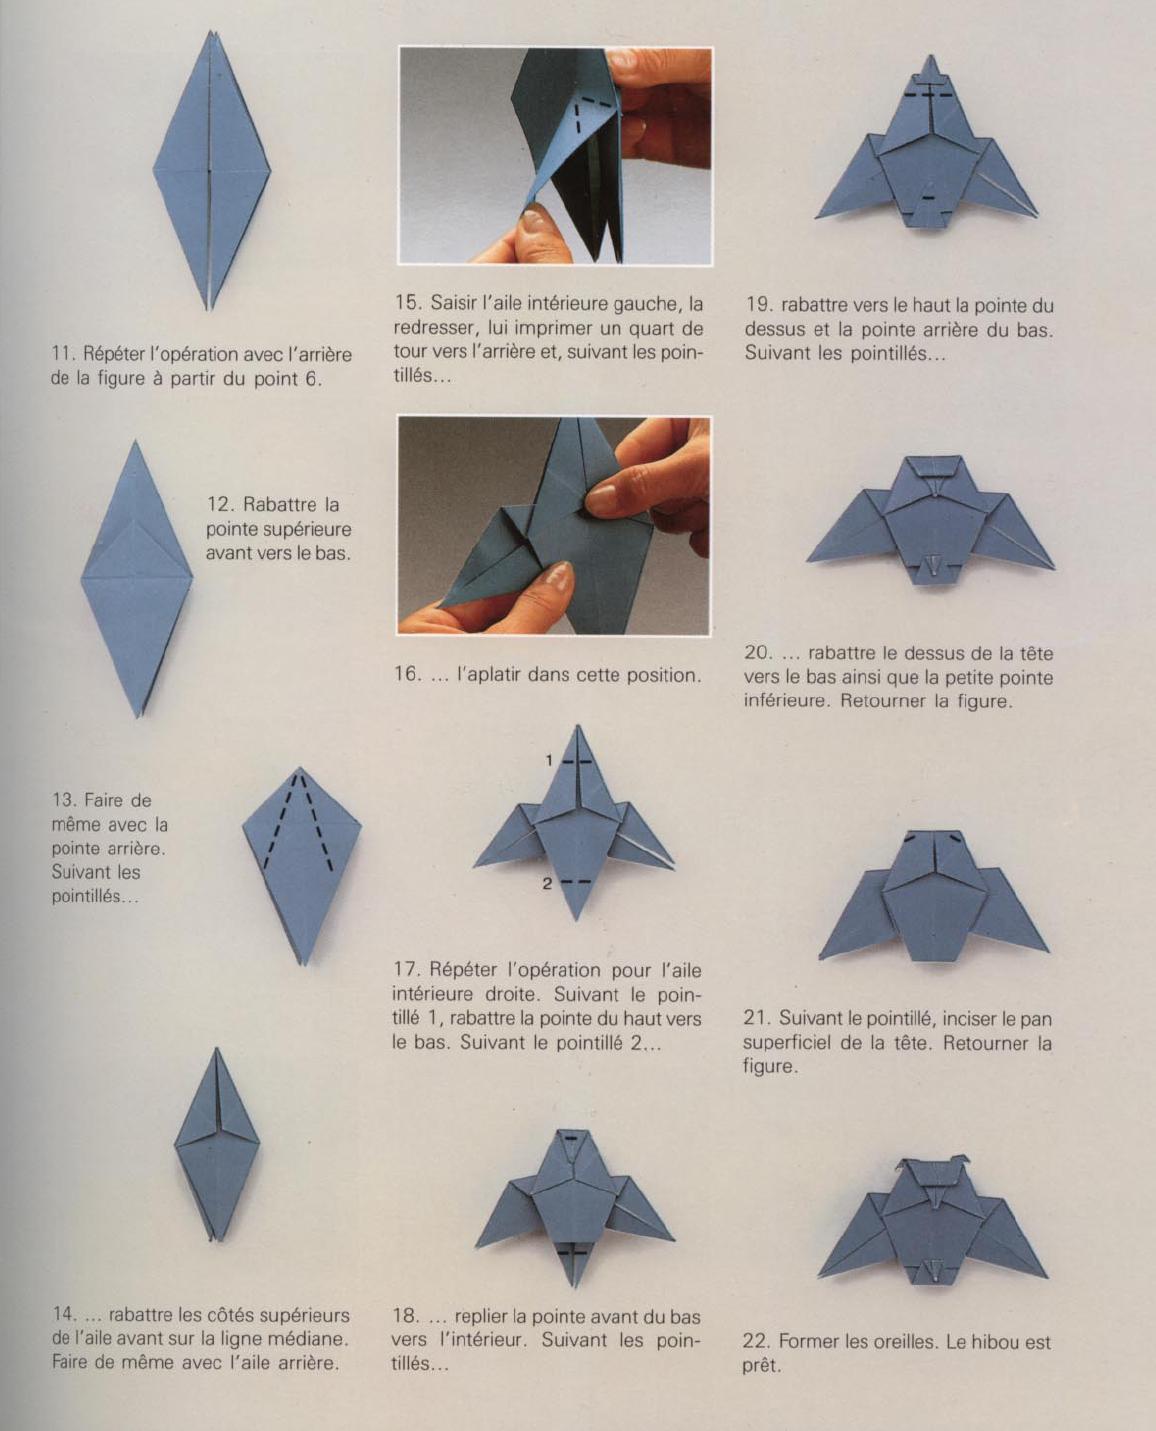 Buho origami paso a paso imagenes vestiditos de - Papiroflexia paso a paso ...